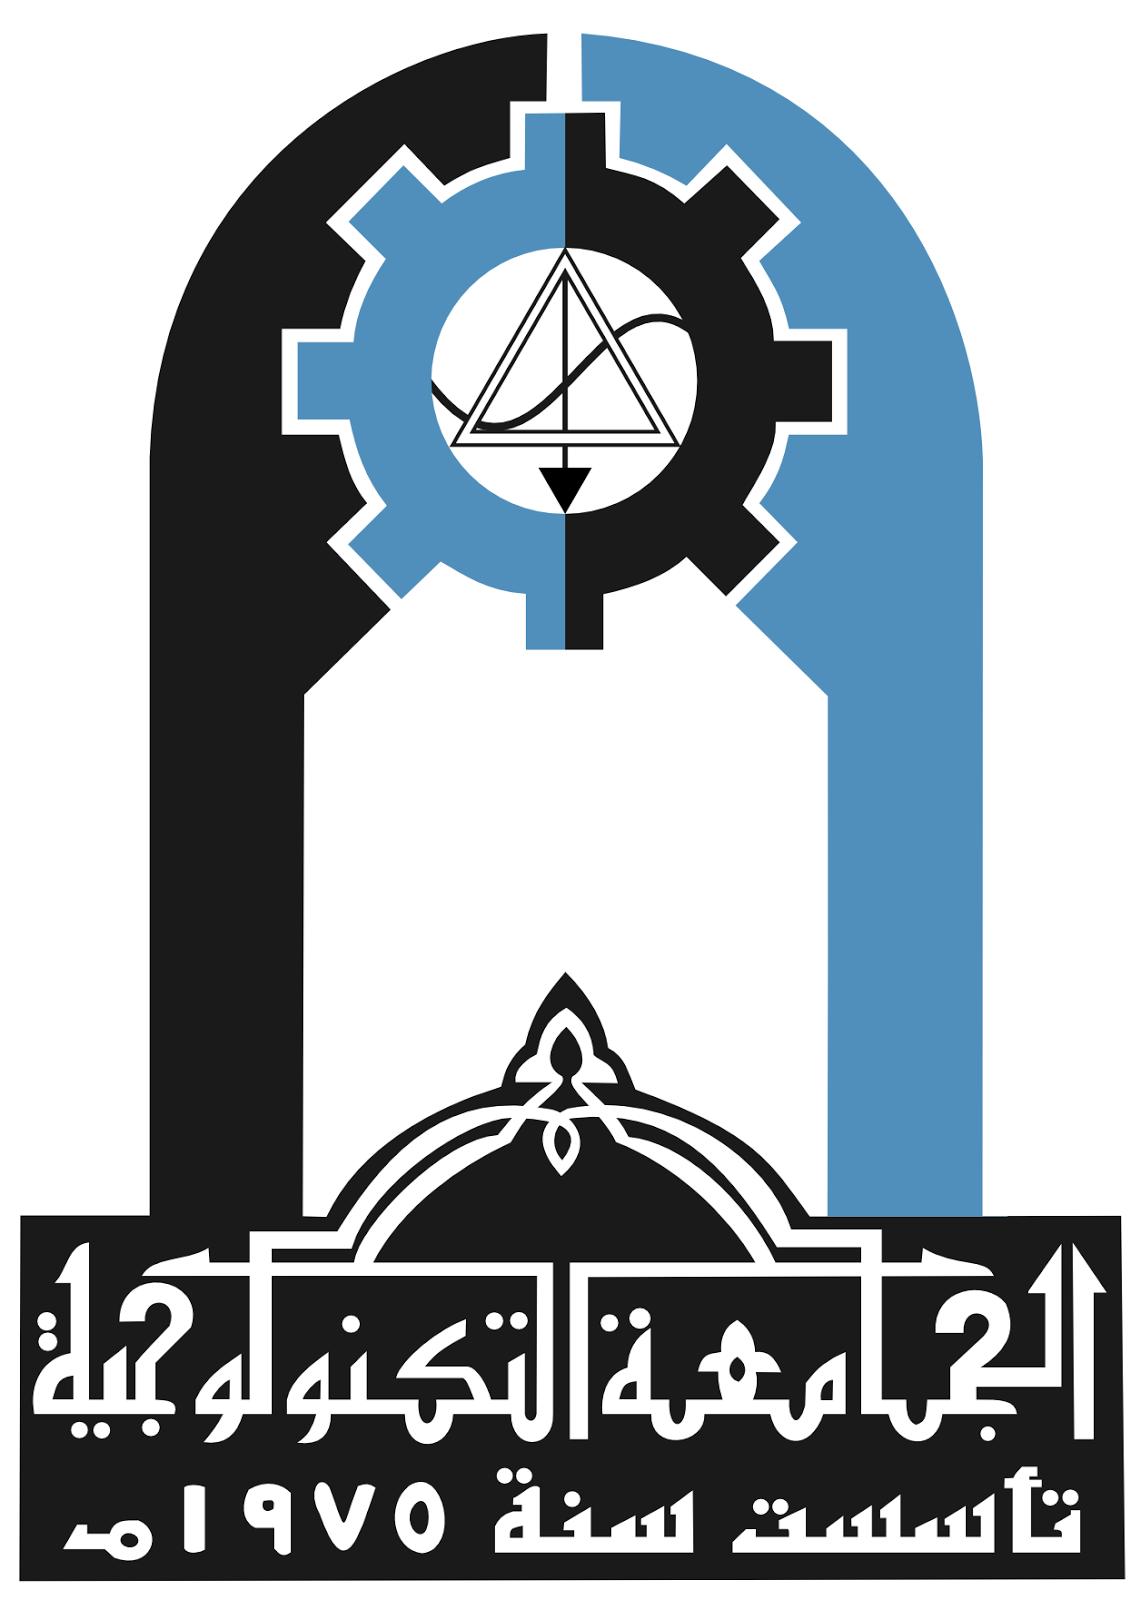 شعار الجامعة التكنولوجية UOT logo, Iraq, white background